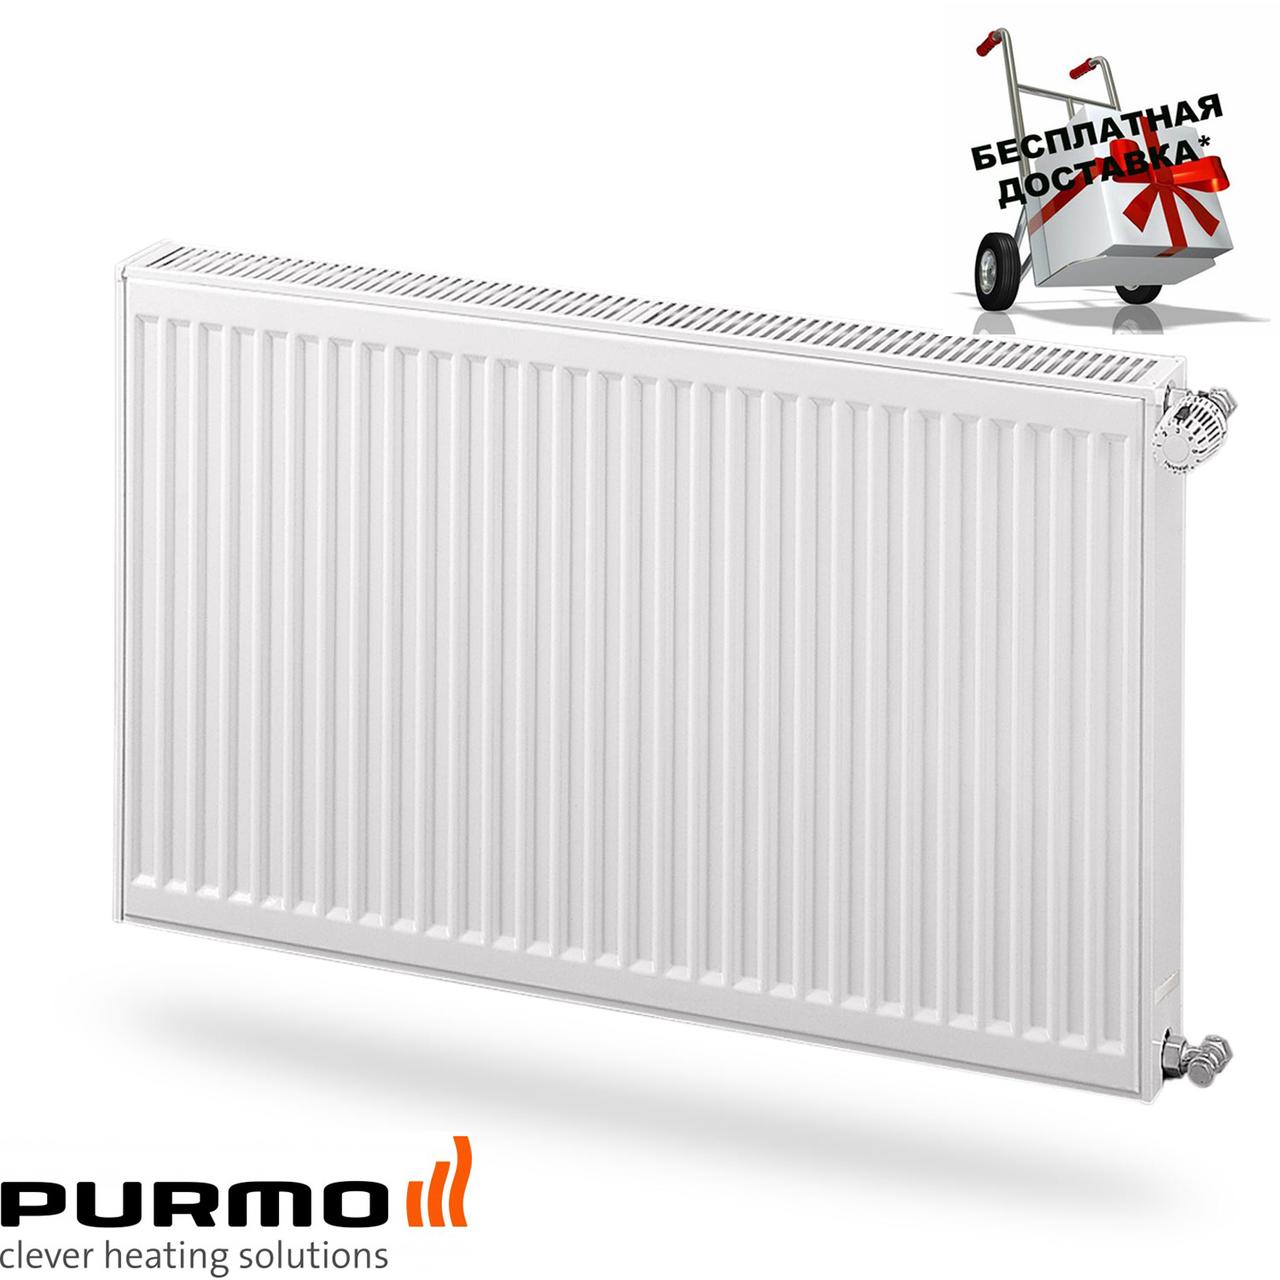 Стальной (панельный) радиатор PURMO Compact т22 300x900 боковое подключение